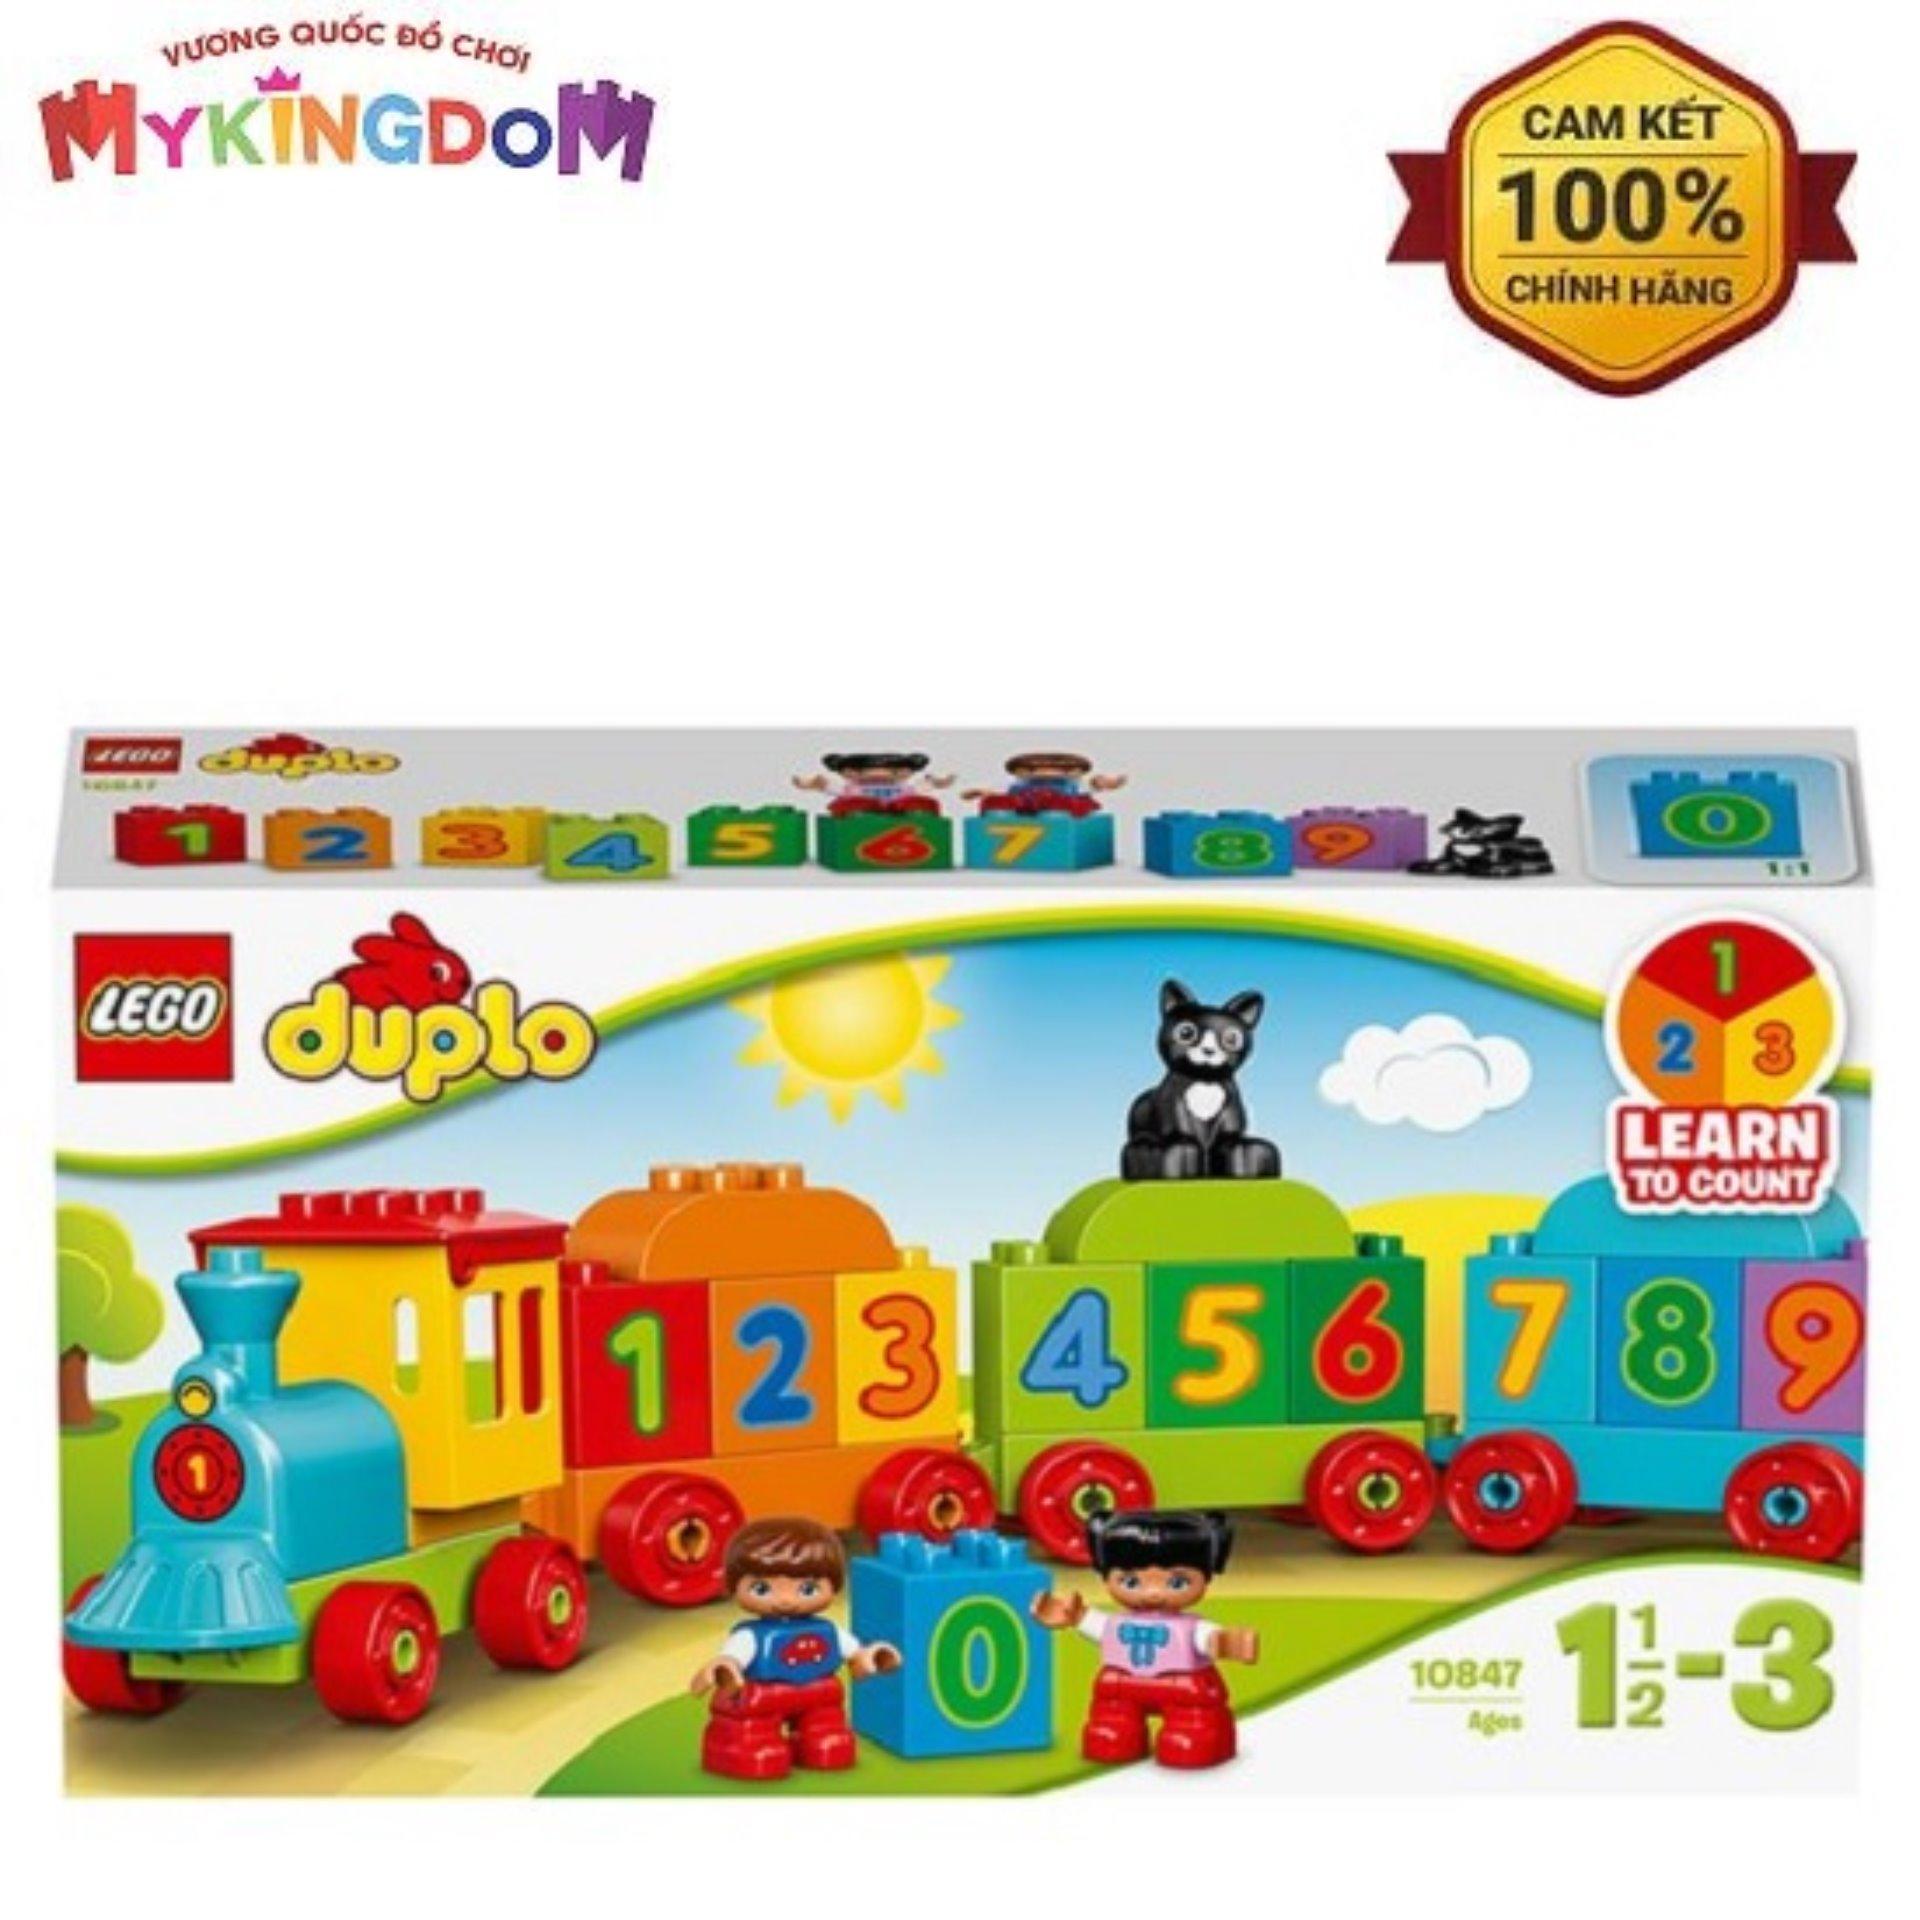 Siêu Tiết Kiệm Khi Mua Hộp LEGO Duplo Tàu Lửa Học Số Mới 10847 (23 Chi Tiết)